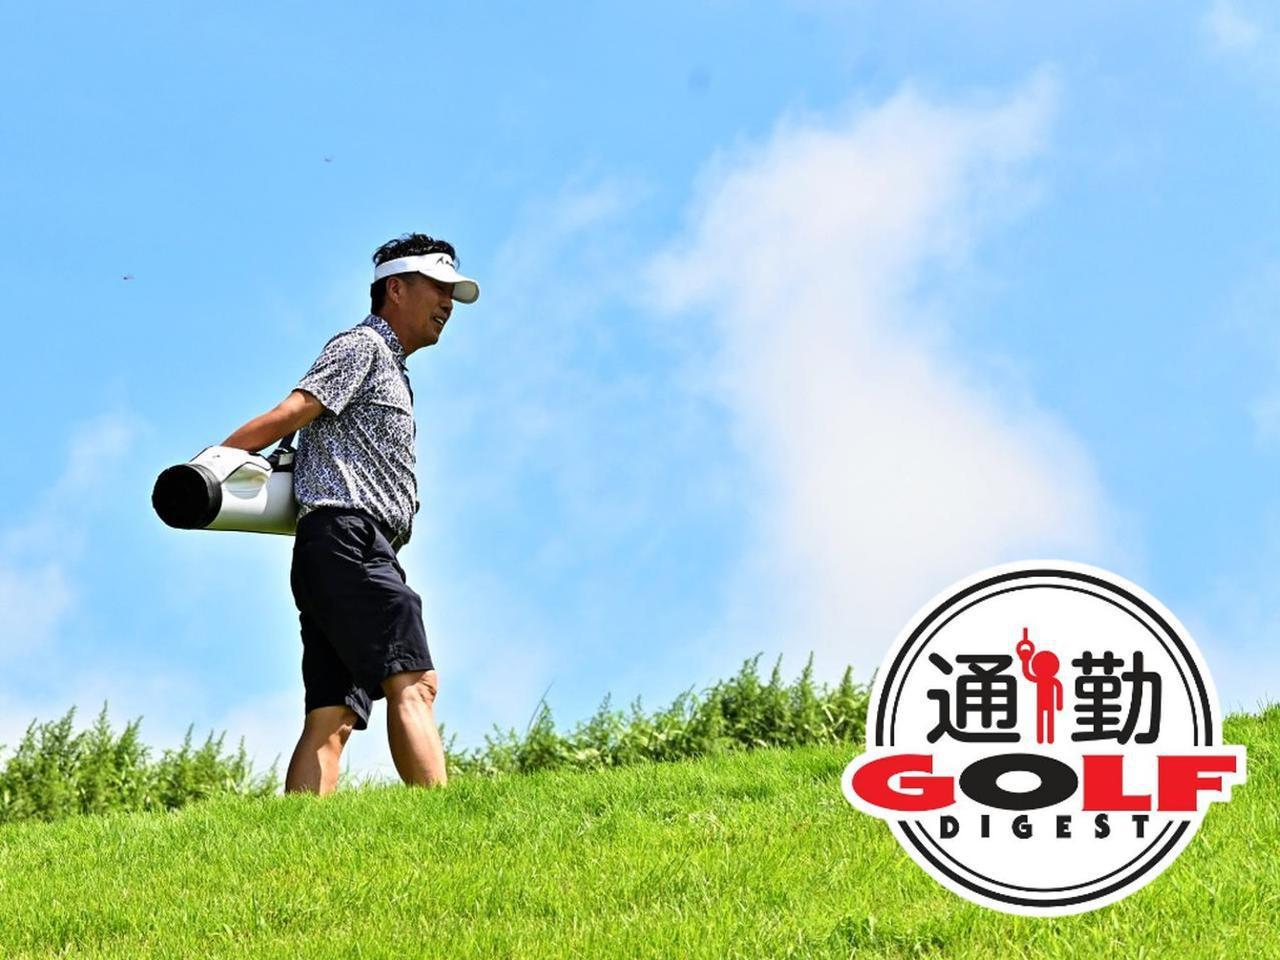 画像: 【通勤GD】高松志門・奥田靖己の一行レッスンVol.51 「さぁ、諸君。たのしみたまえ」 ゴルフダイジェストWEB - ゴルフへ行こうWEB by ゴルフダイジェスト